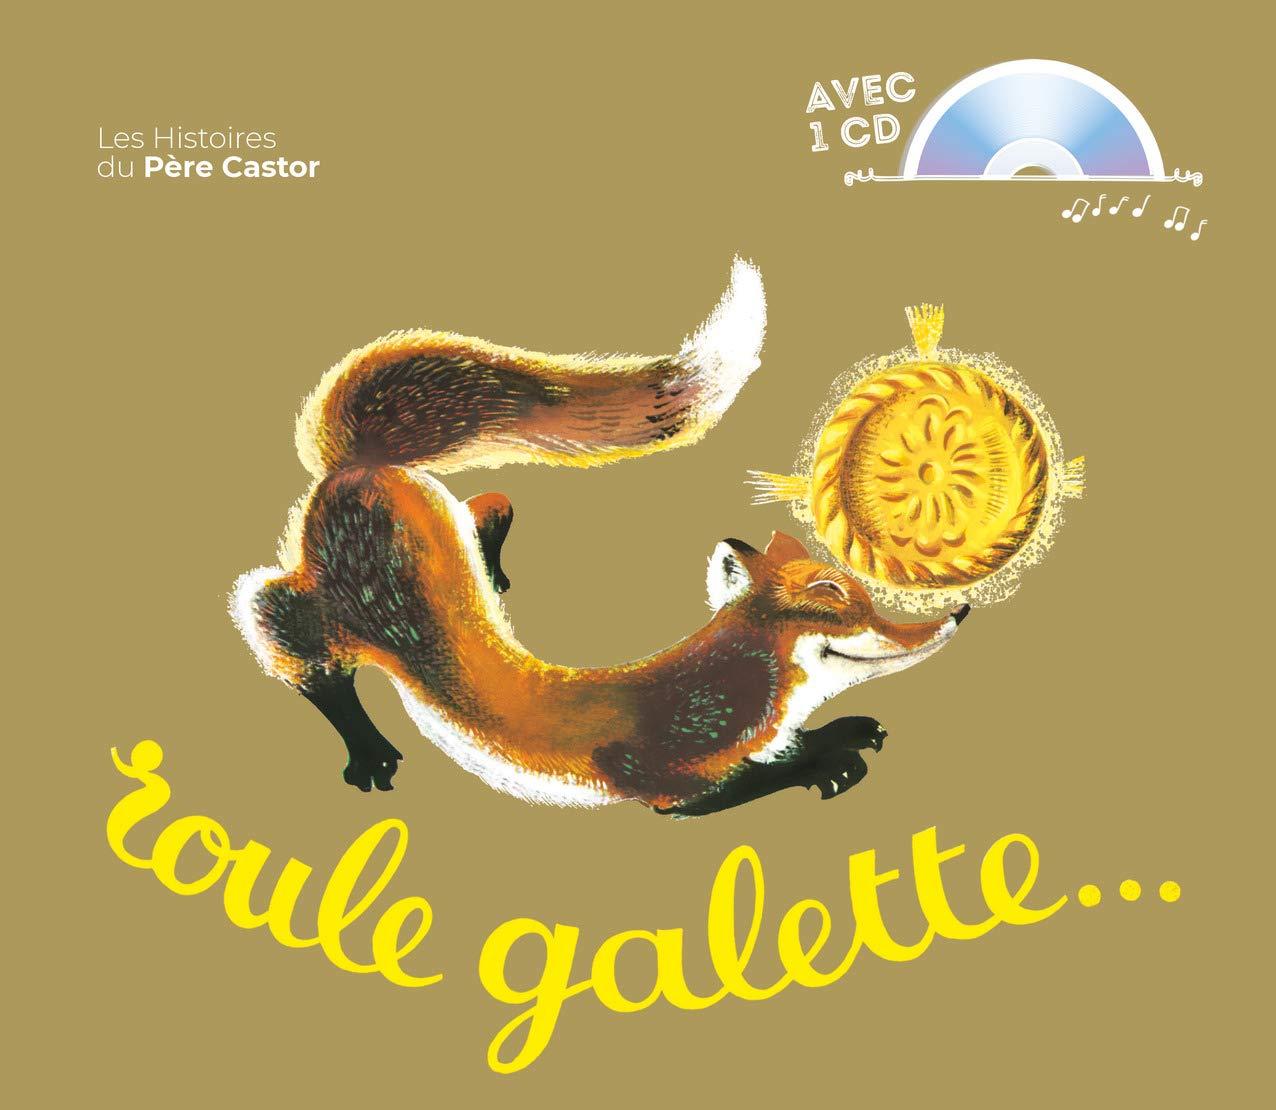 Roule galette (Livre + CD) PDF